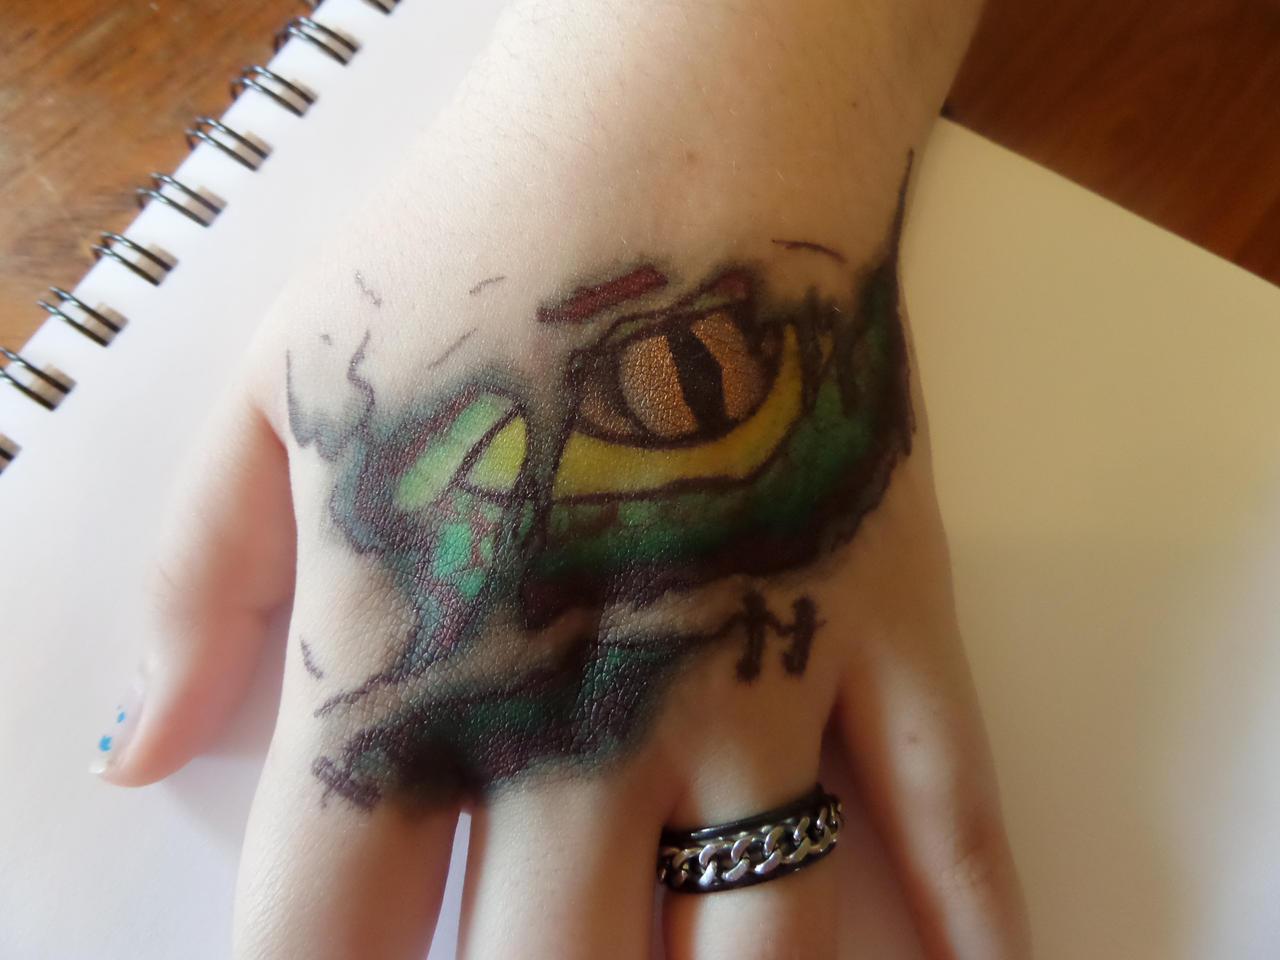 Dragon 39 s gaze sharpie tattoo by surubi on deviantart for Sharpie tattoo designs